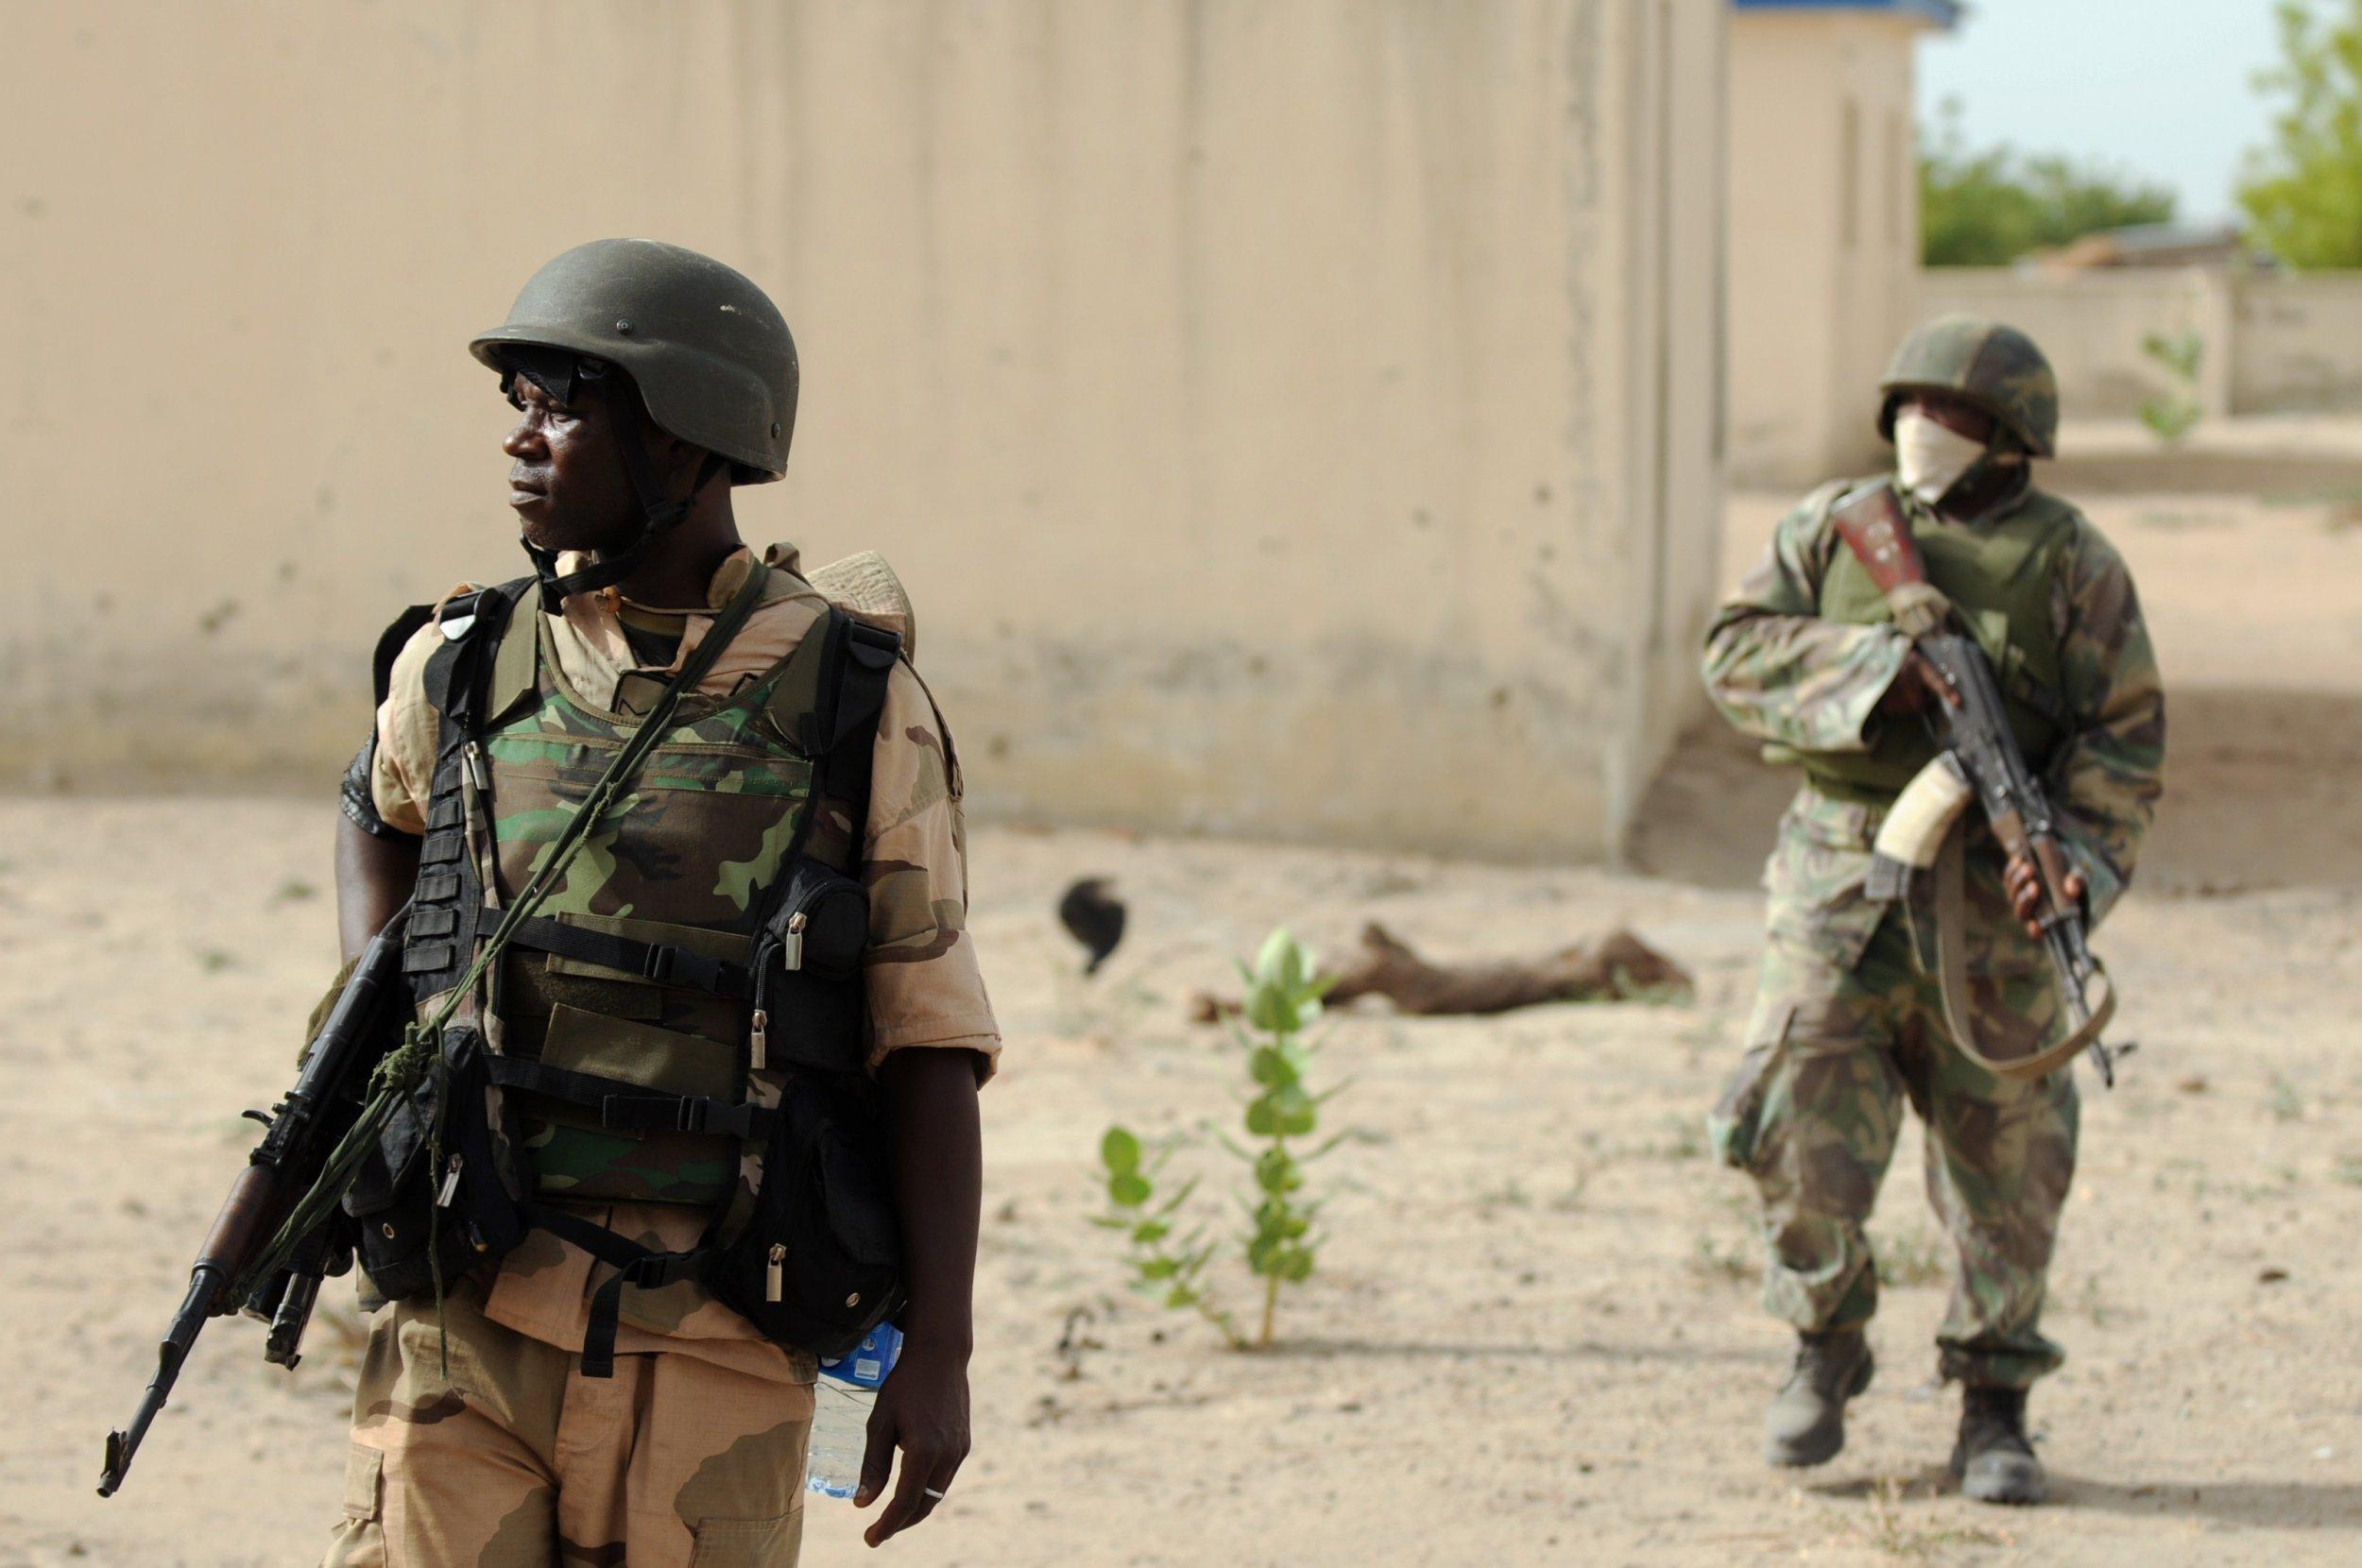 Nigerian soldiers patrol near a former Boko Haram camp in Borno.